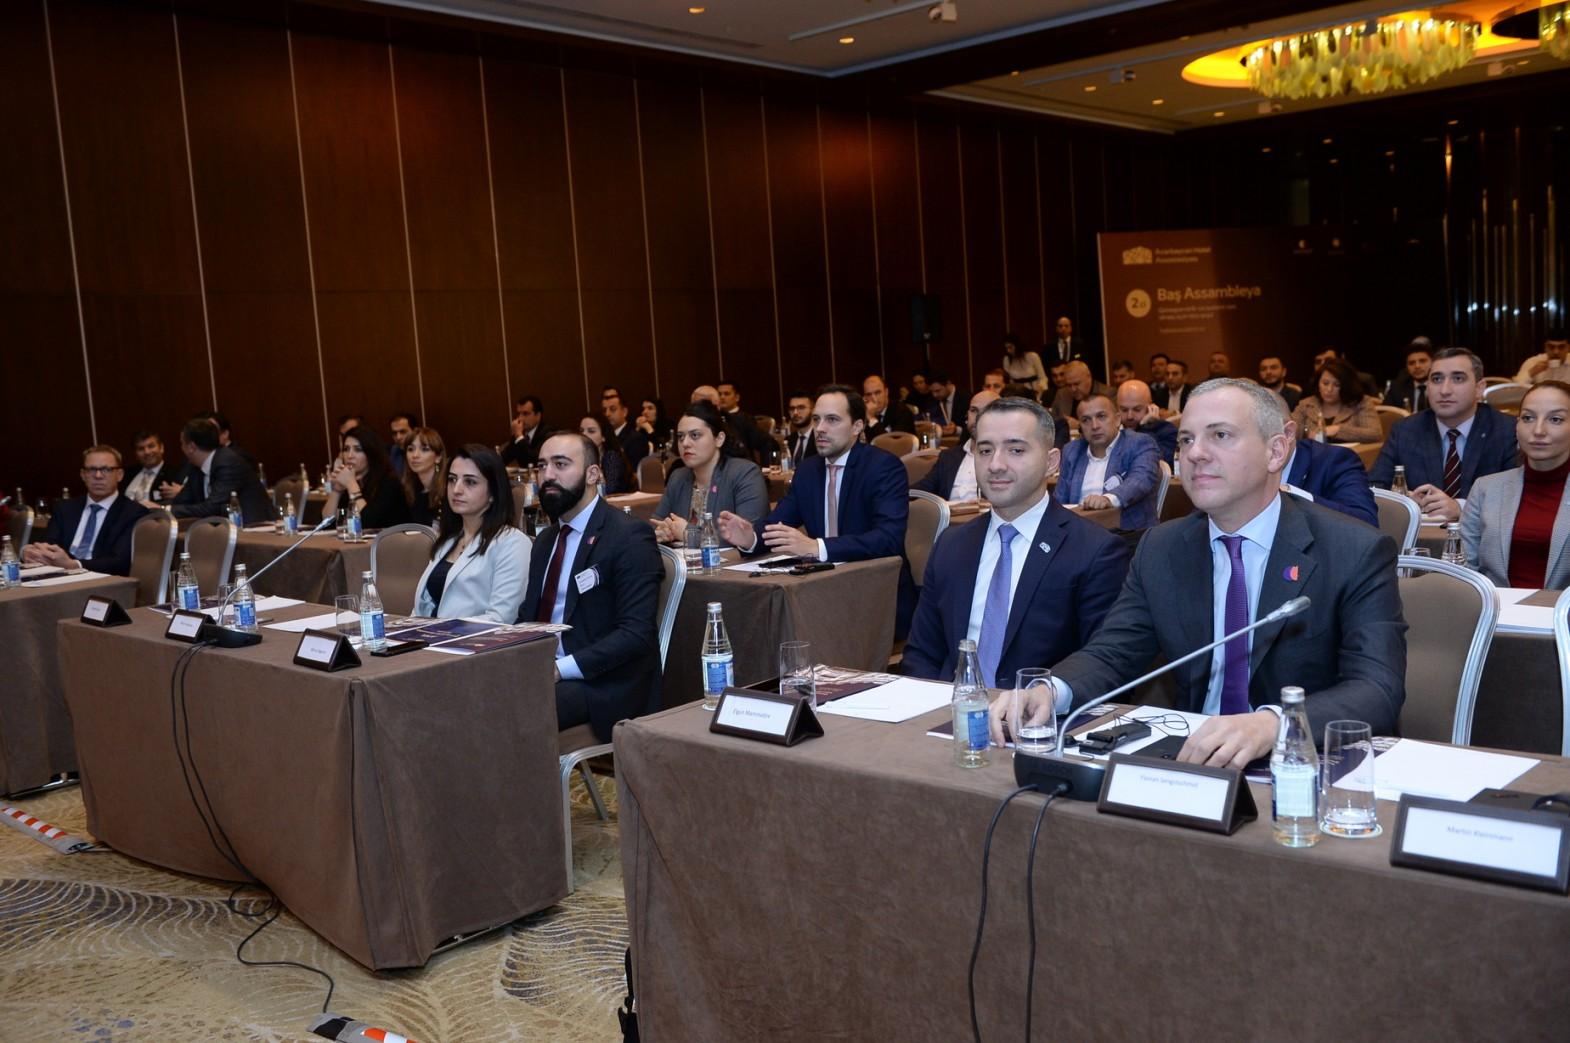 Azərbaycan Hotel Assosiasiyasının 2-ci Baş Assambleyası keçirilir